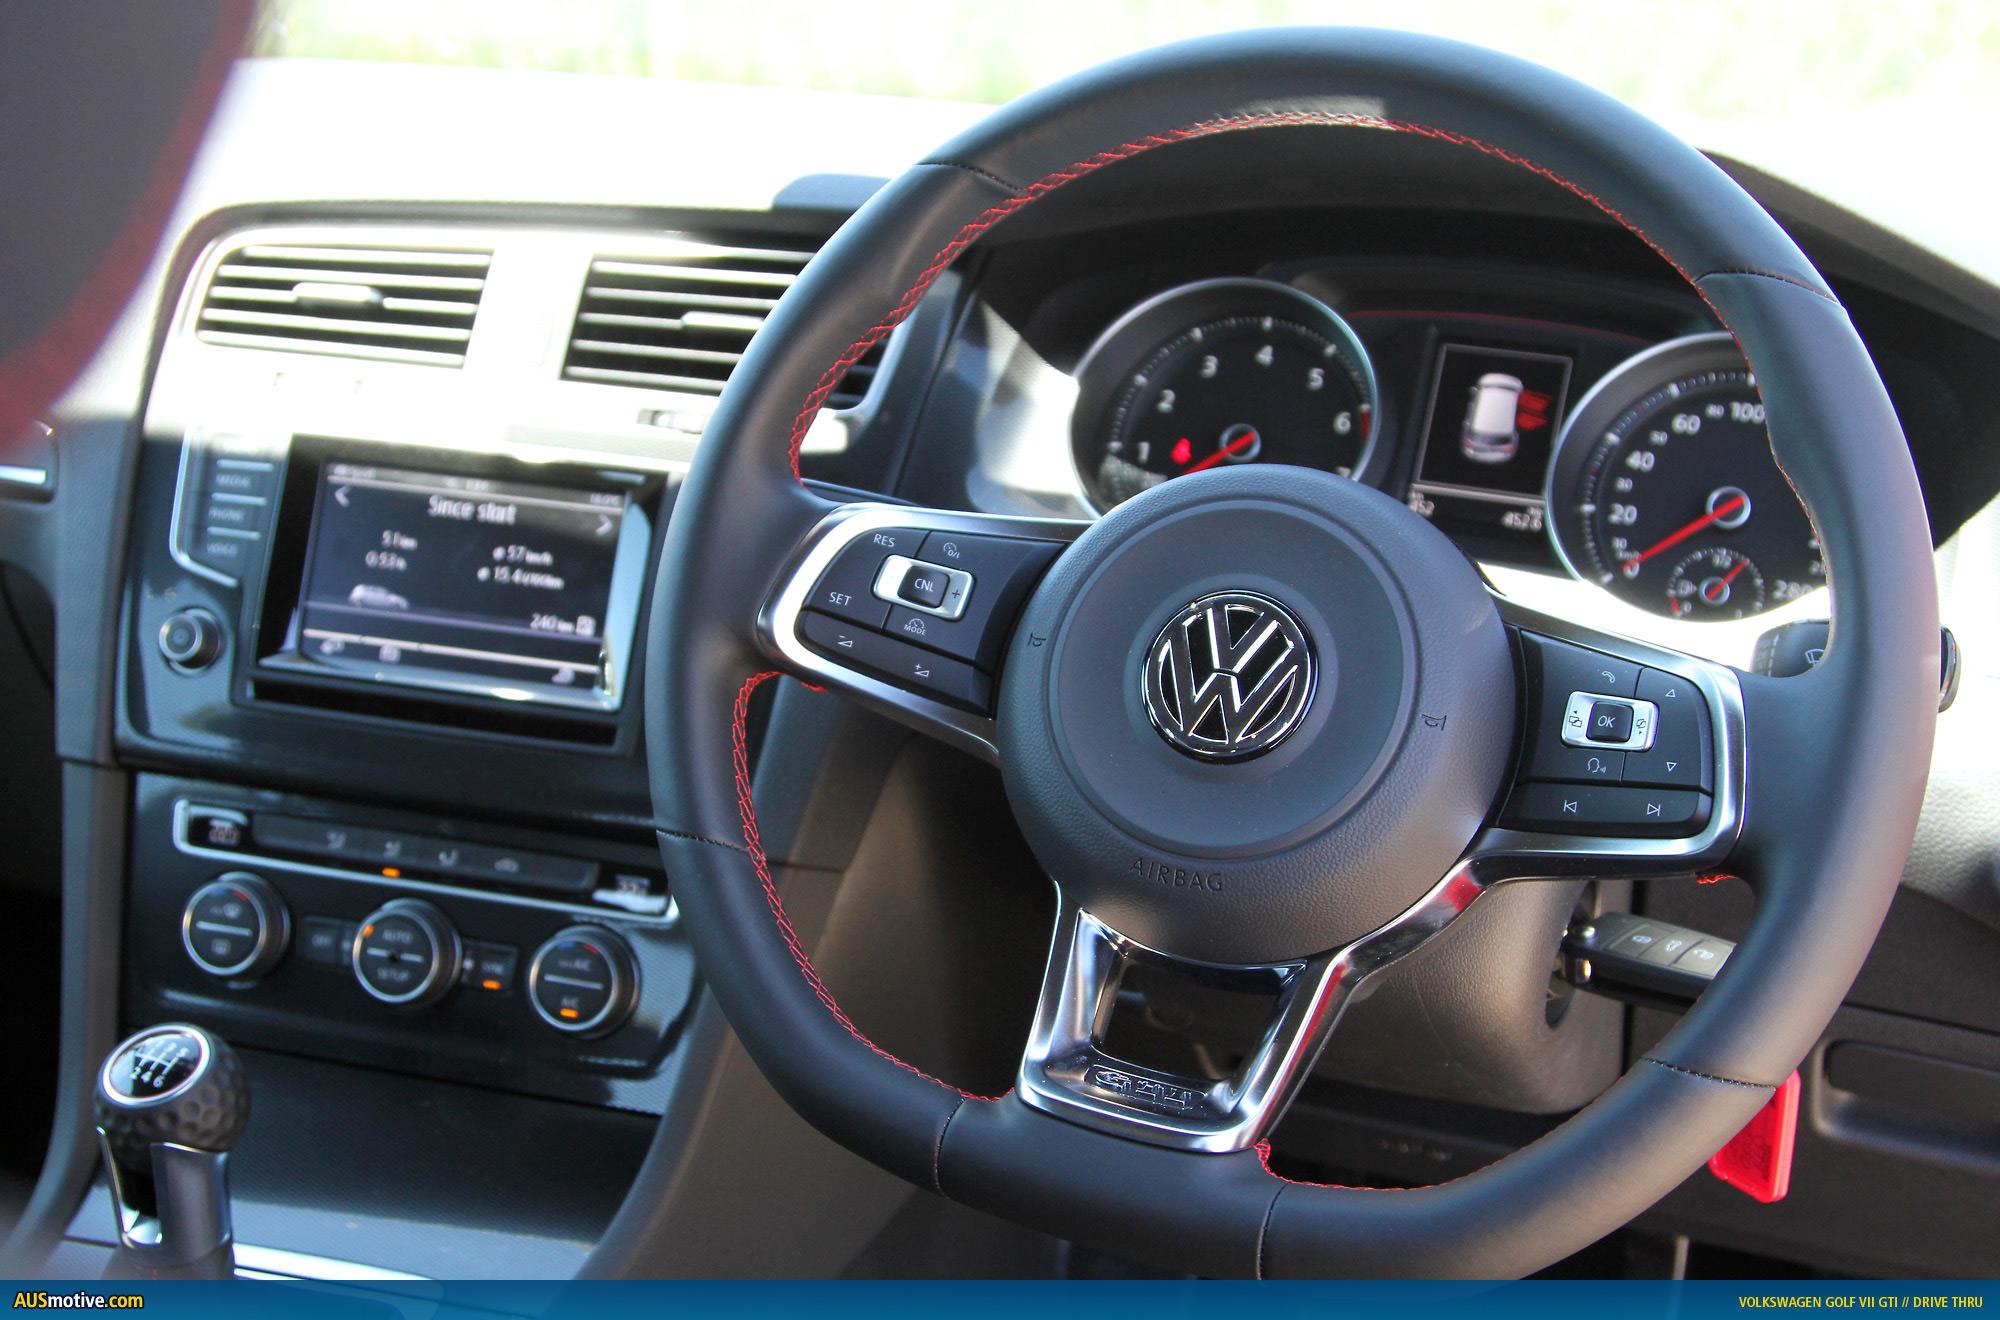 AUSmotivecom Drive Thru Volkswagen Mk Golf GTI - 2013 volkswagen golf gti interior